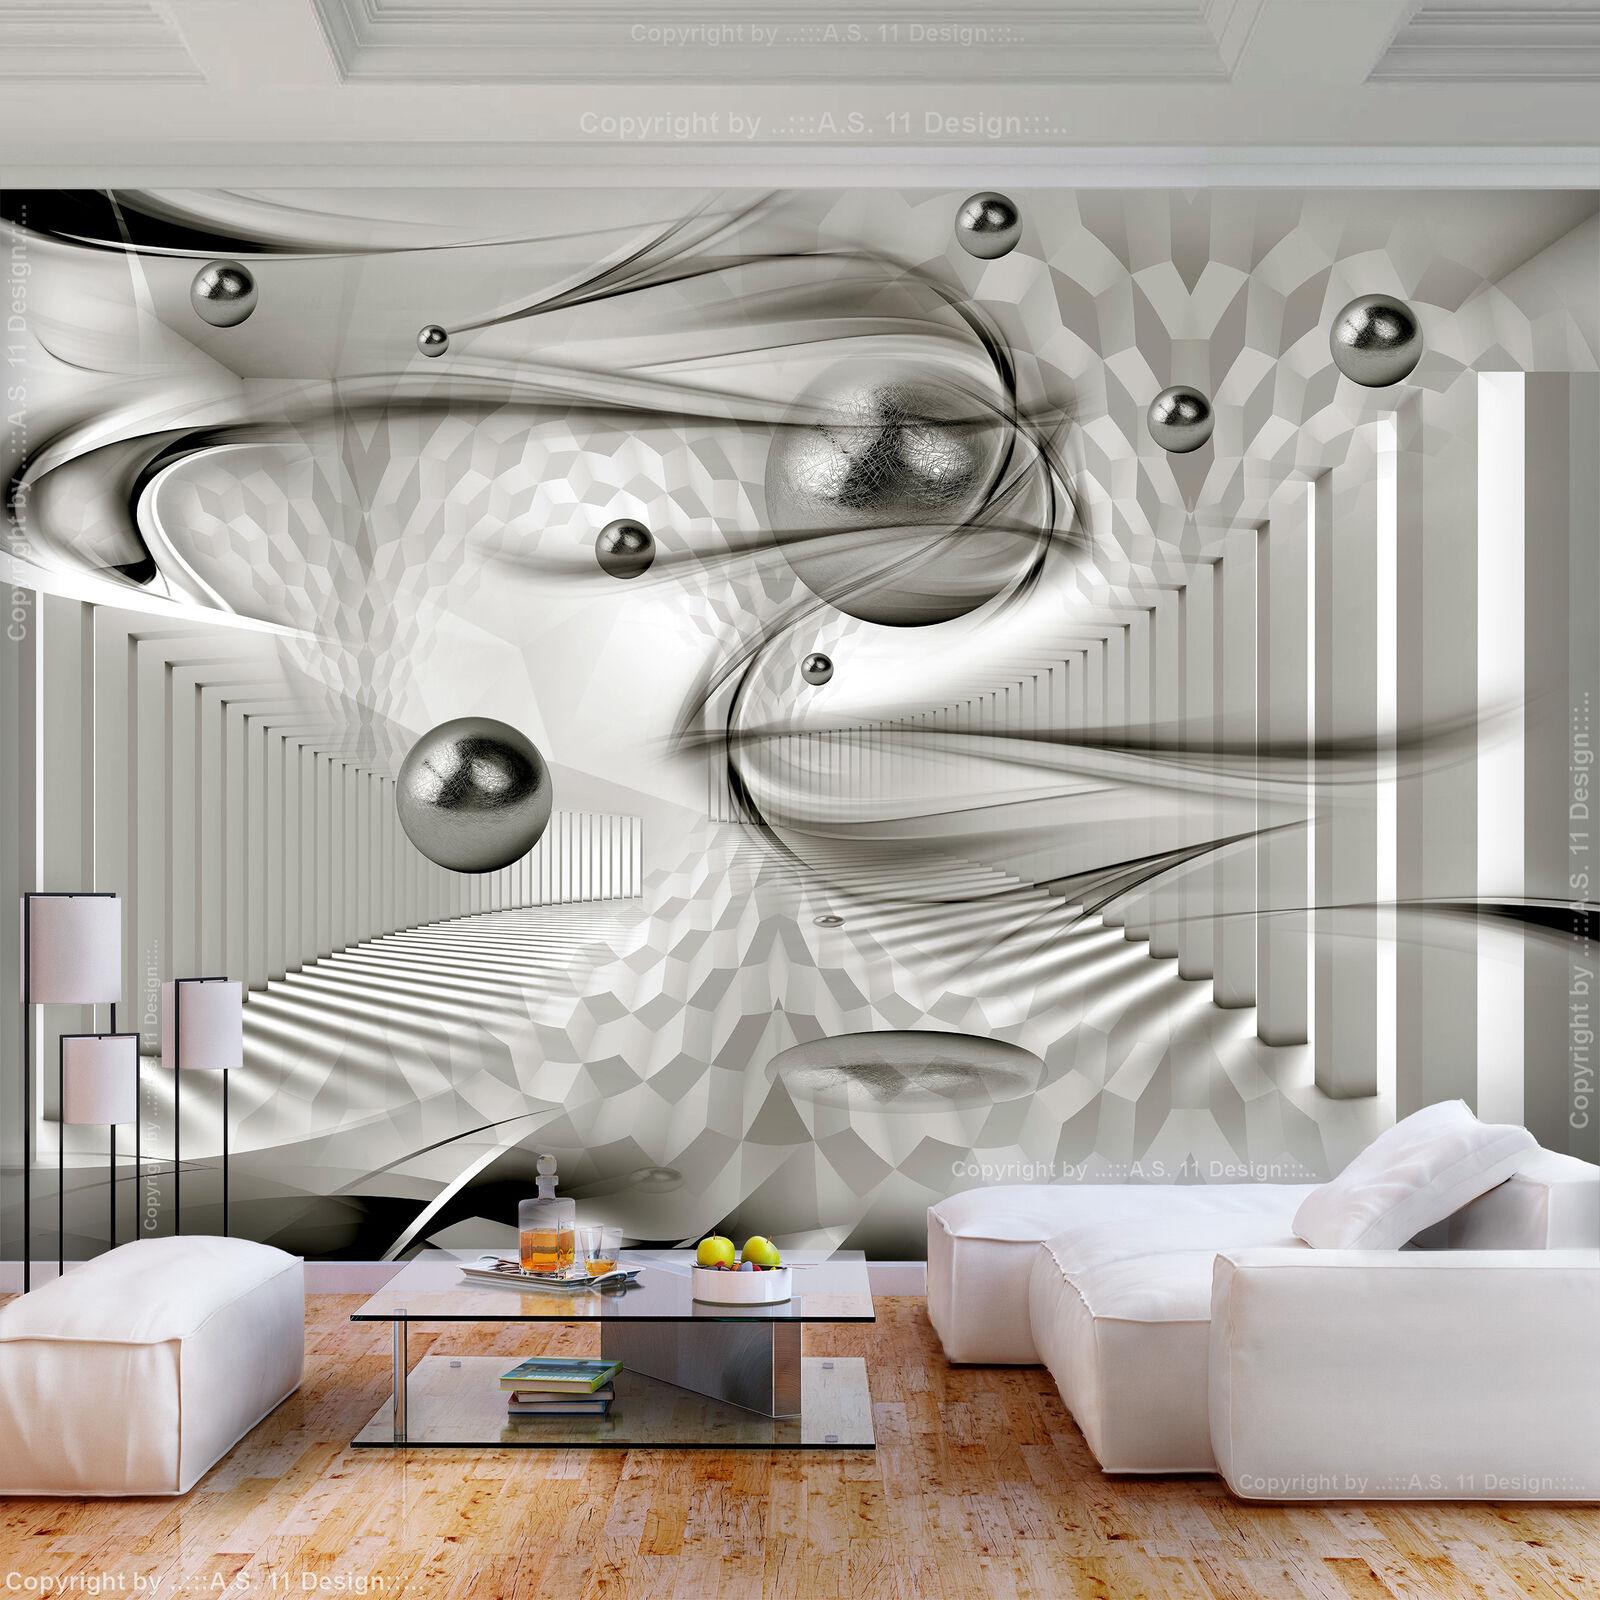 VLIES FOTOTAPETE Abstrakt Kugeln grau 3D effekt TAPETE WANDBILDER XXL Wohnzimmer